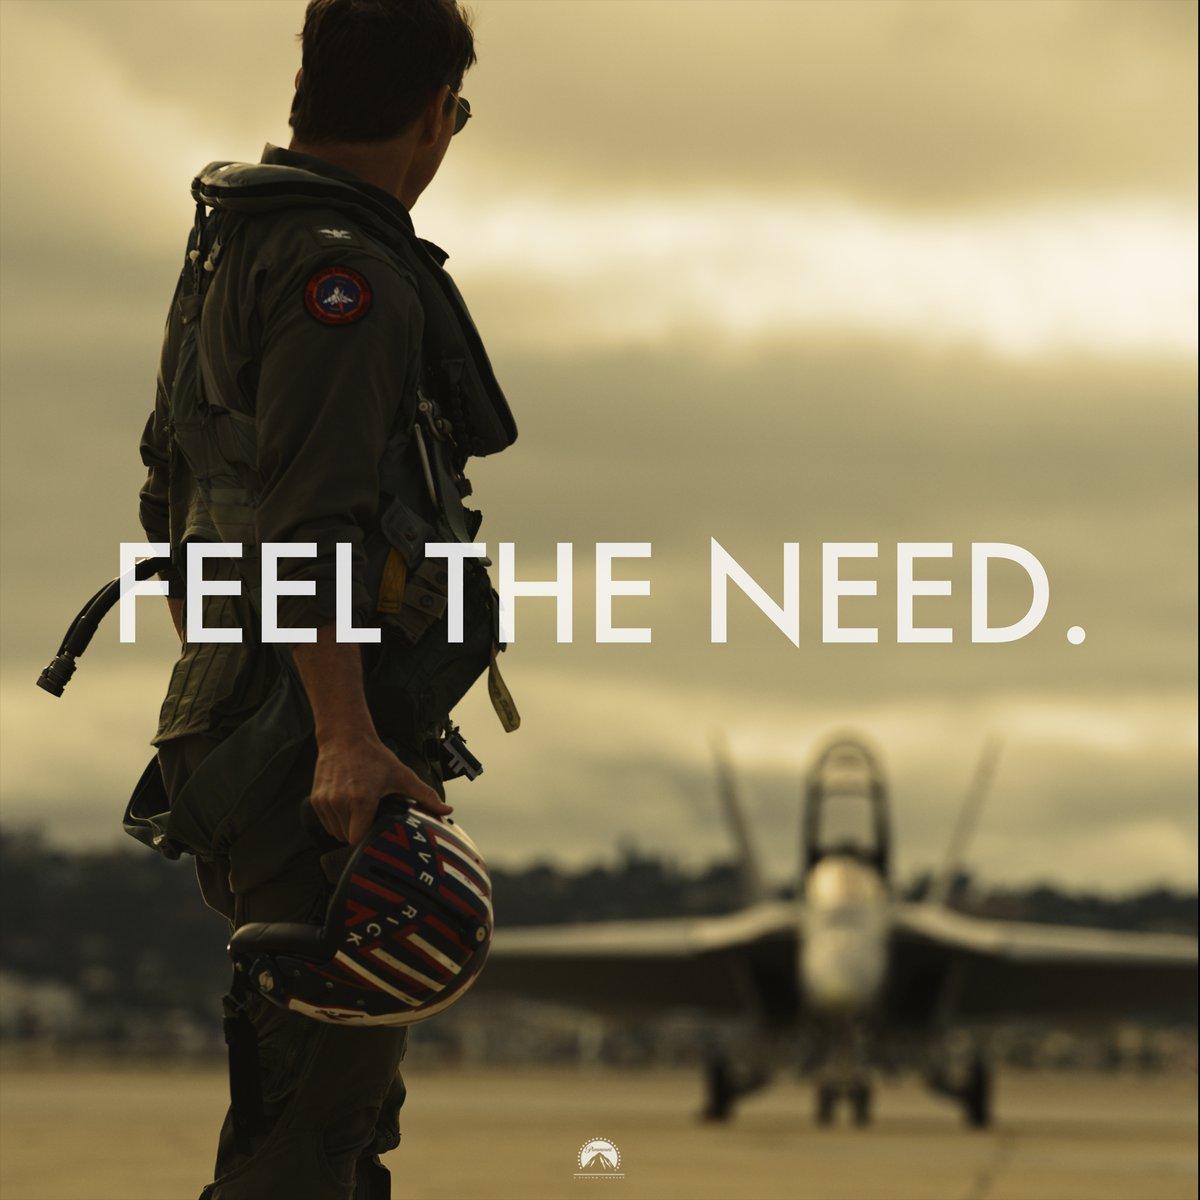 Imagen con la que Cruise ha anunciado el inicio del rodaje de 'Top Gun 2'